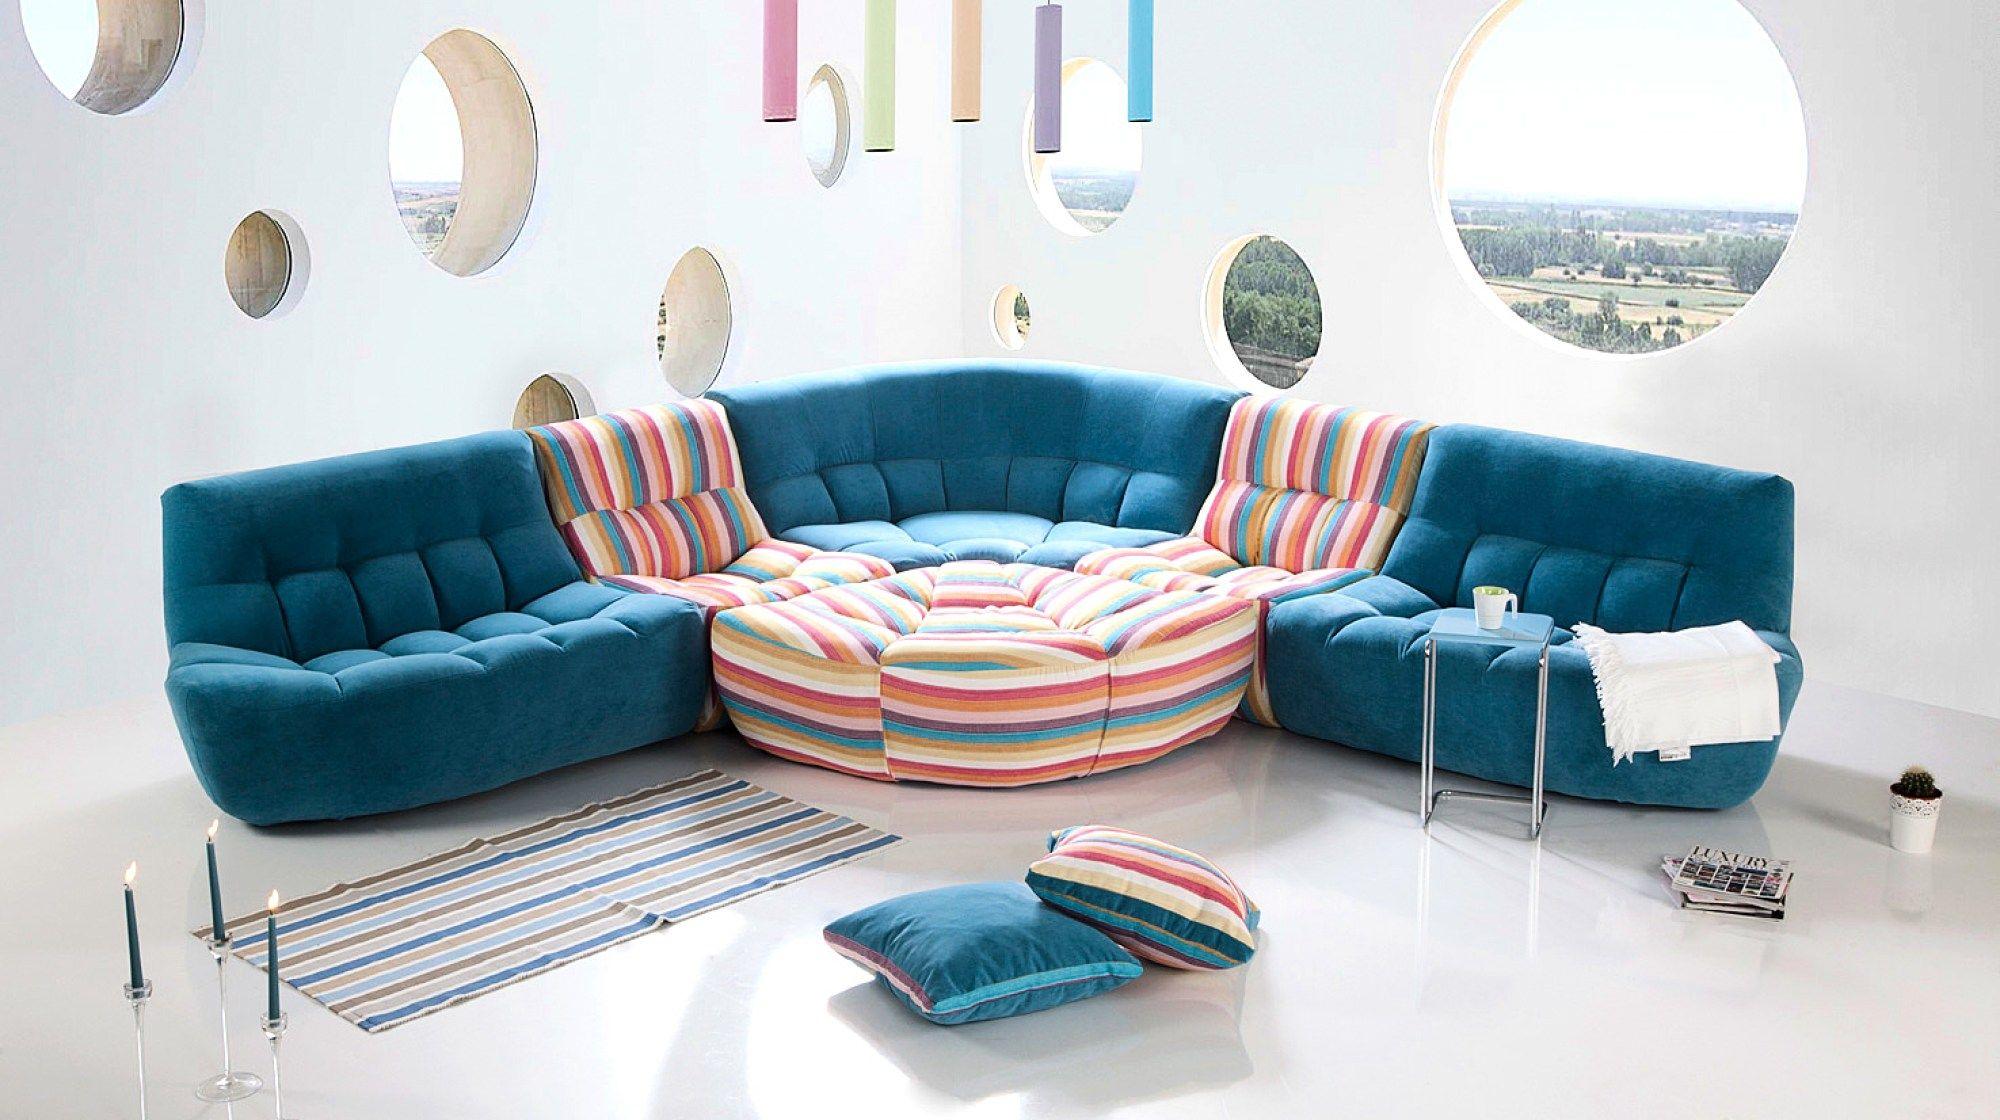 Sahane Mavi Renkli Ve Ozel Tasarima Sahip Kose Koltuk Modeli Salon Dekorasyonu Icin Bir Numarali Seciminiz O Mobilya Fikirleri Koltuklar Oturma Odasi Takimlari